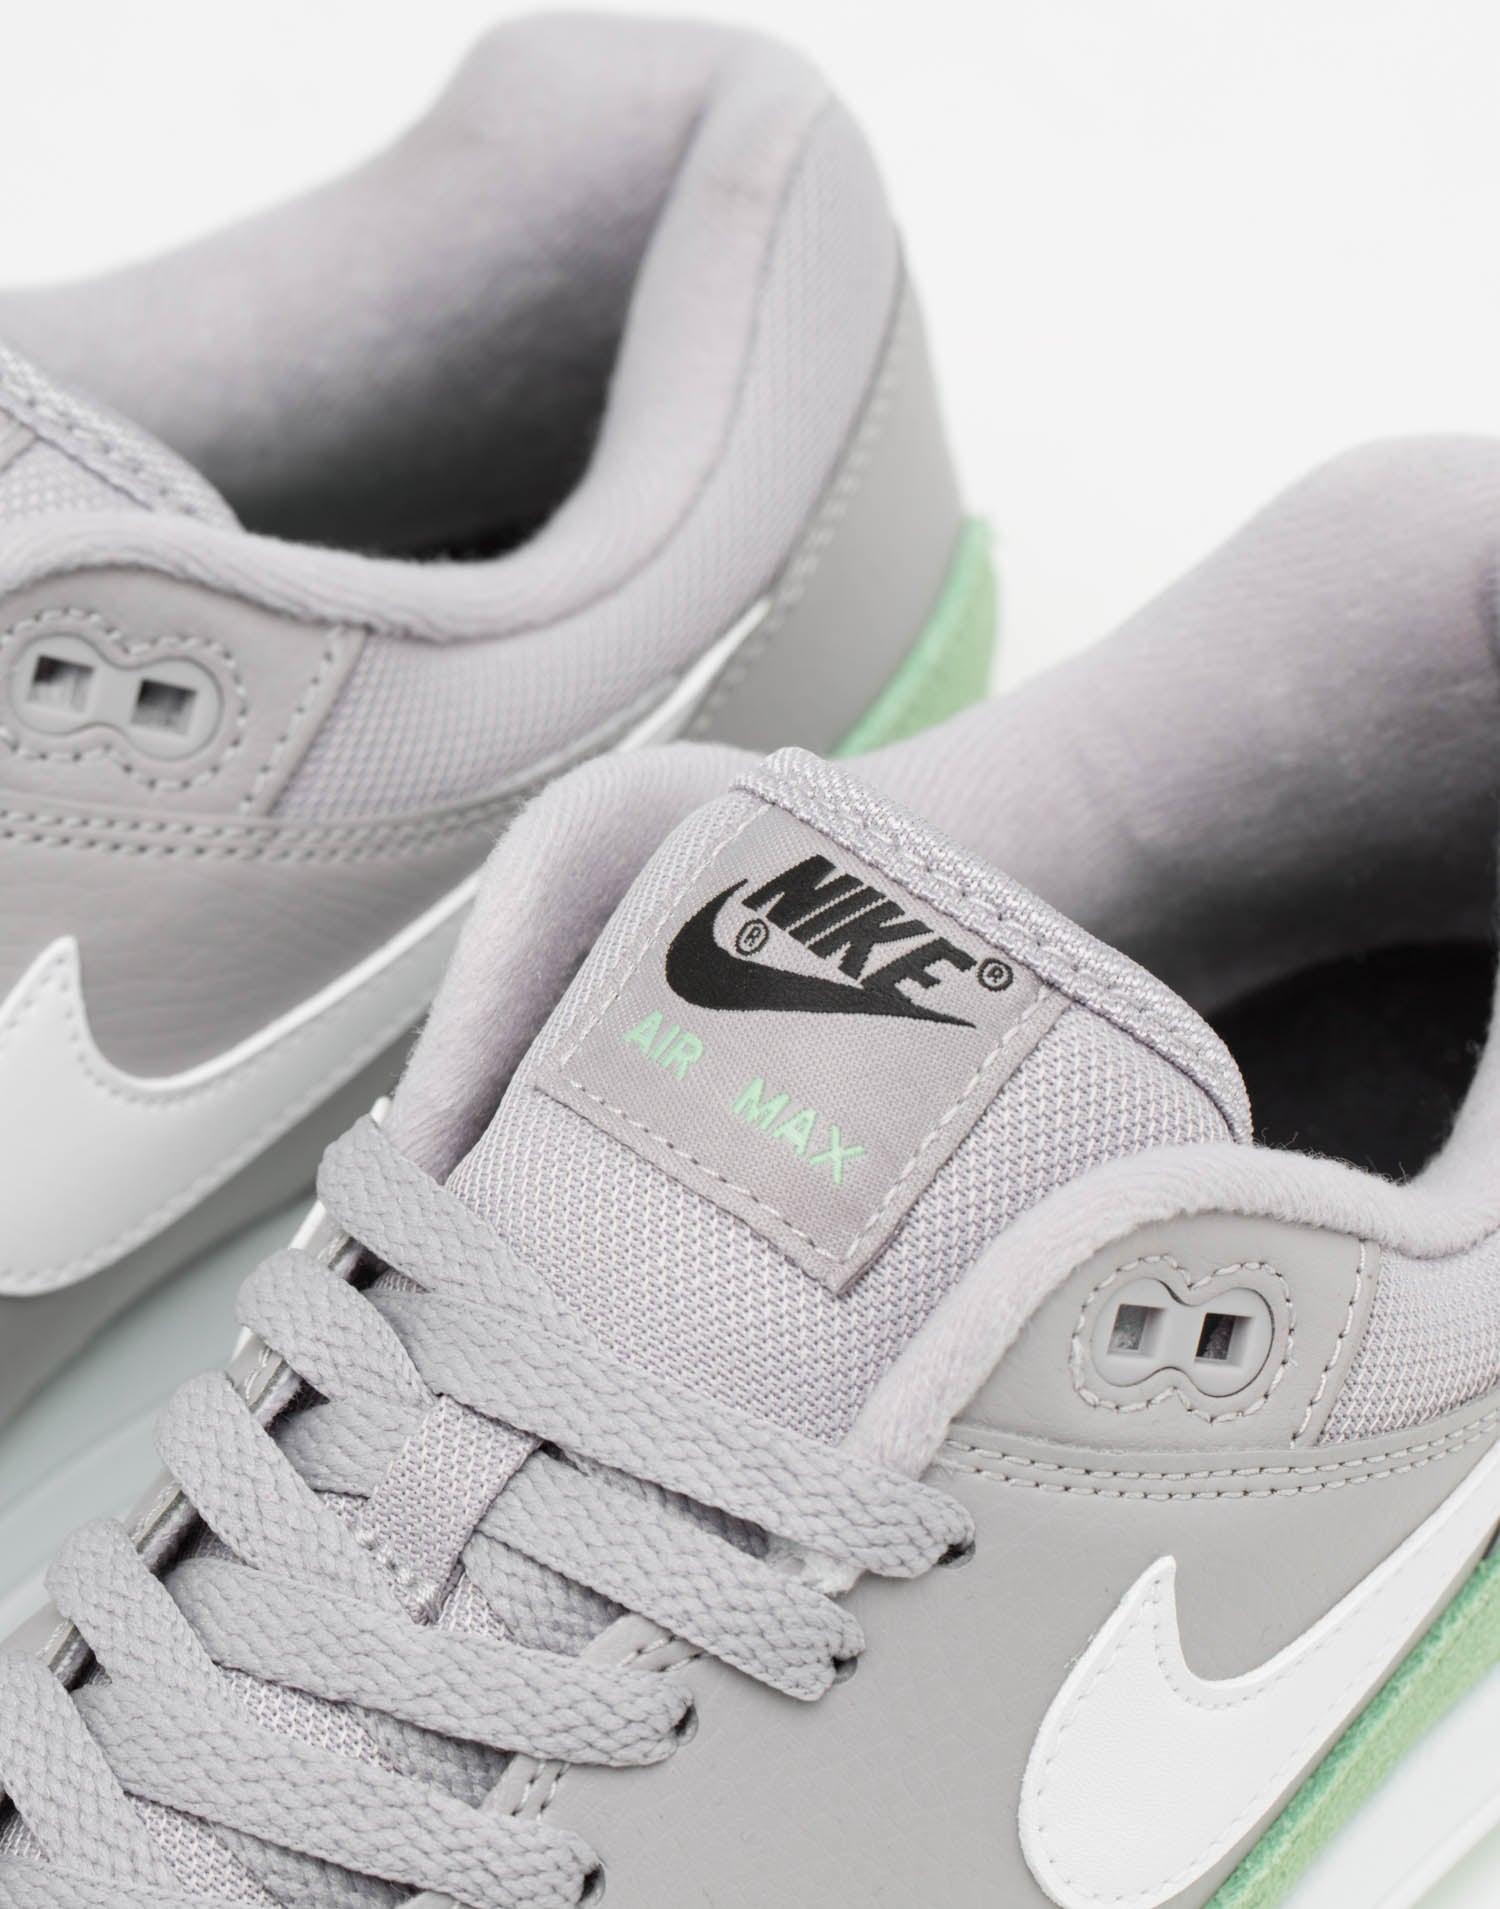 nike air max 1 grey and green